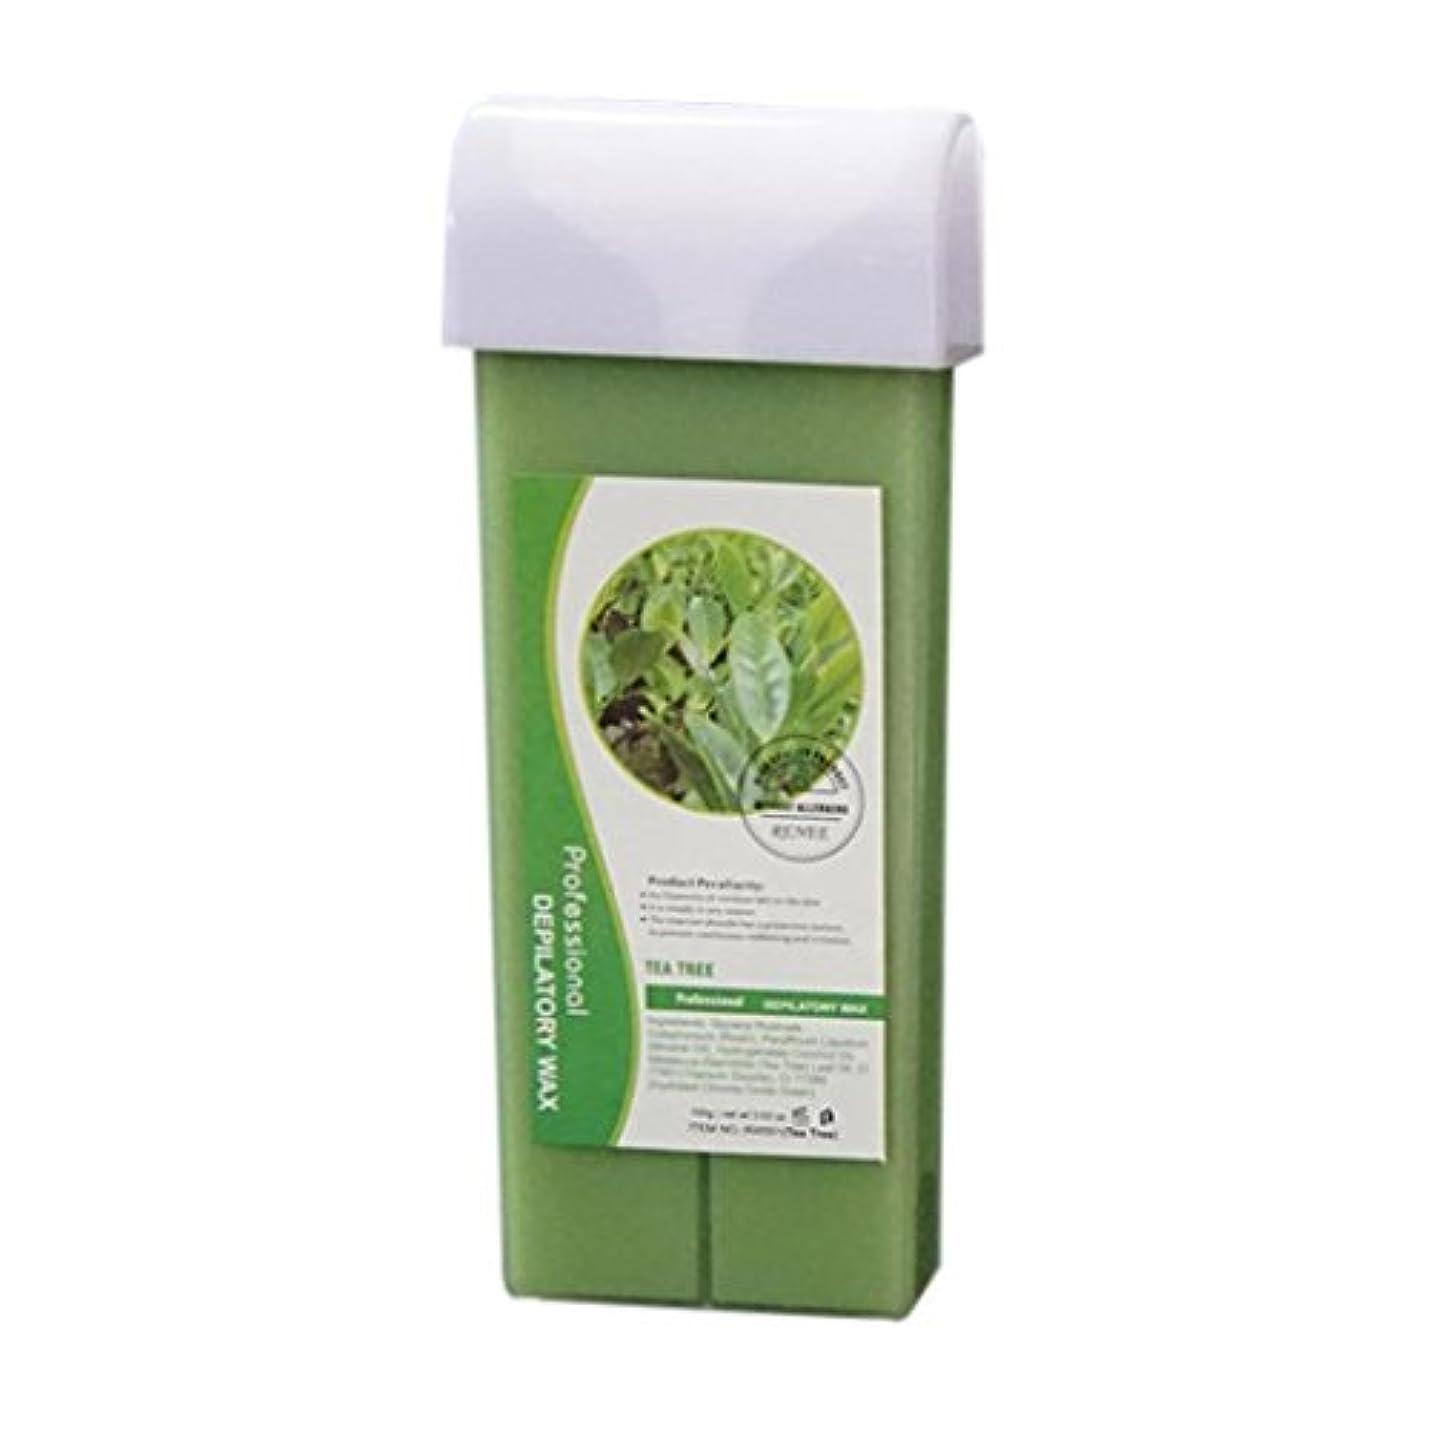 落とし穴首謀者億SakuraBest 100G Heater Wax Depilatory For Hair Removal, 100Gヒーターワックス脱毛除毛用 (C)